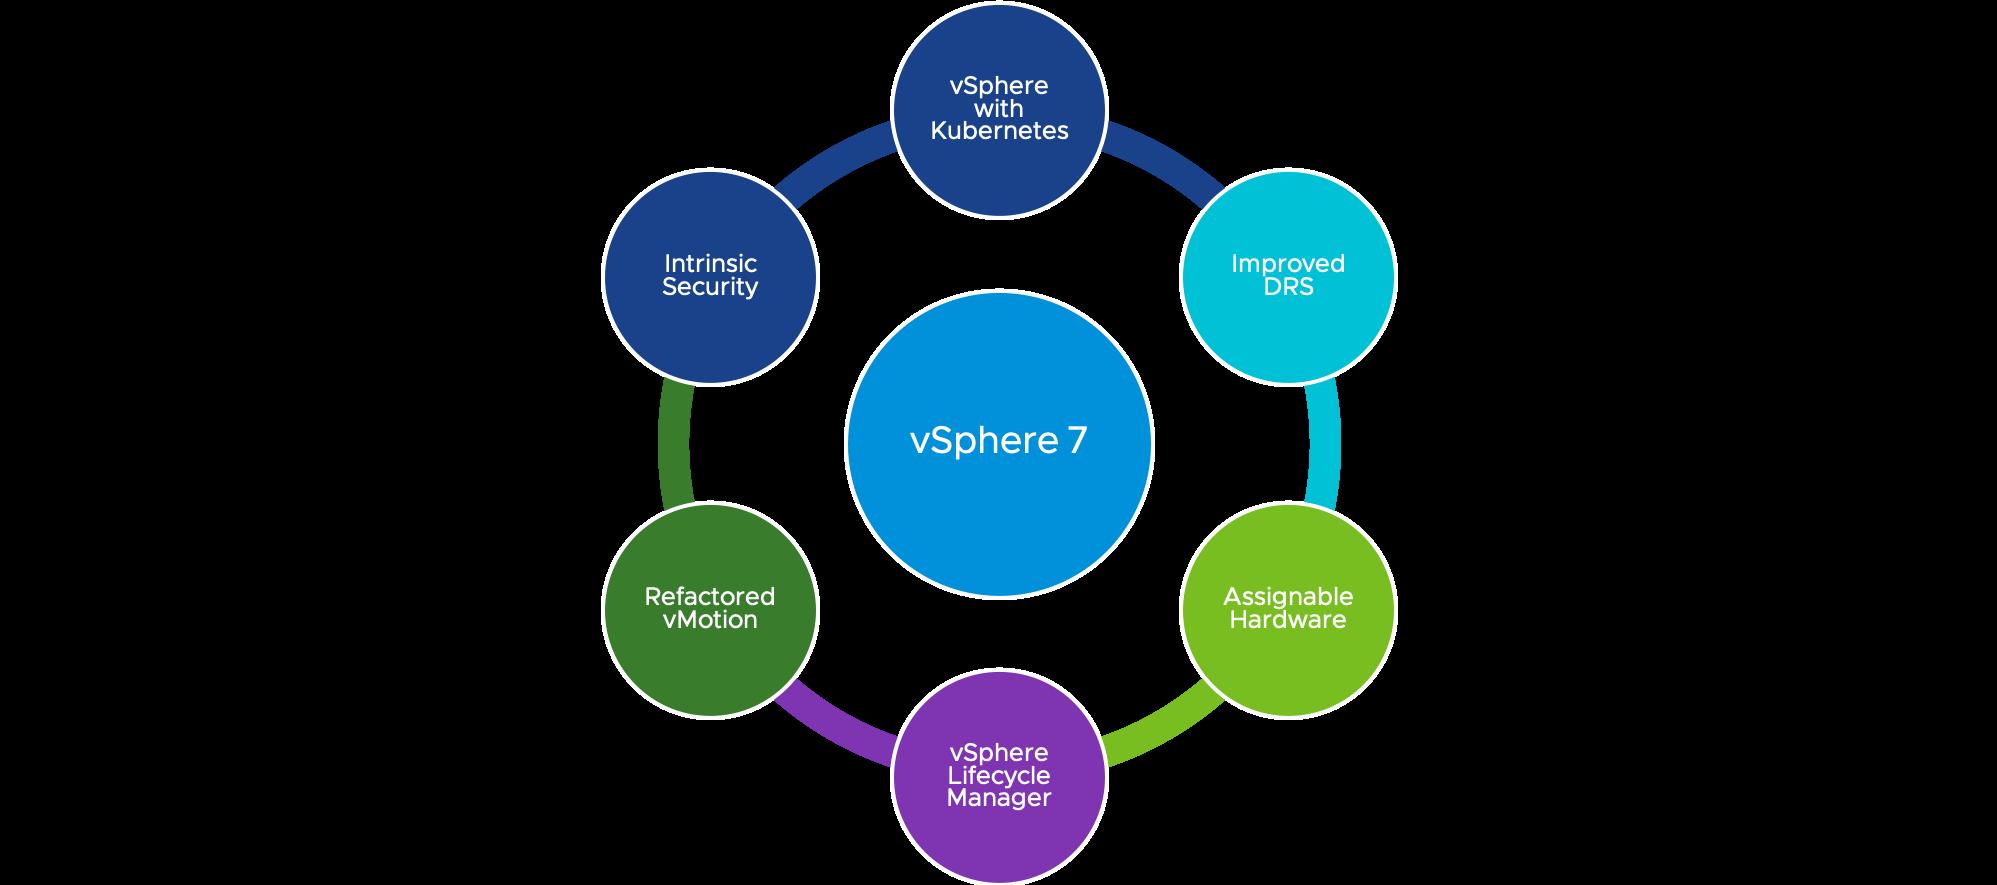 終於迎接 Kubernetes,VMware 推出 vSphere 7 等產品助客戶構建現代化應用